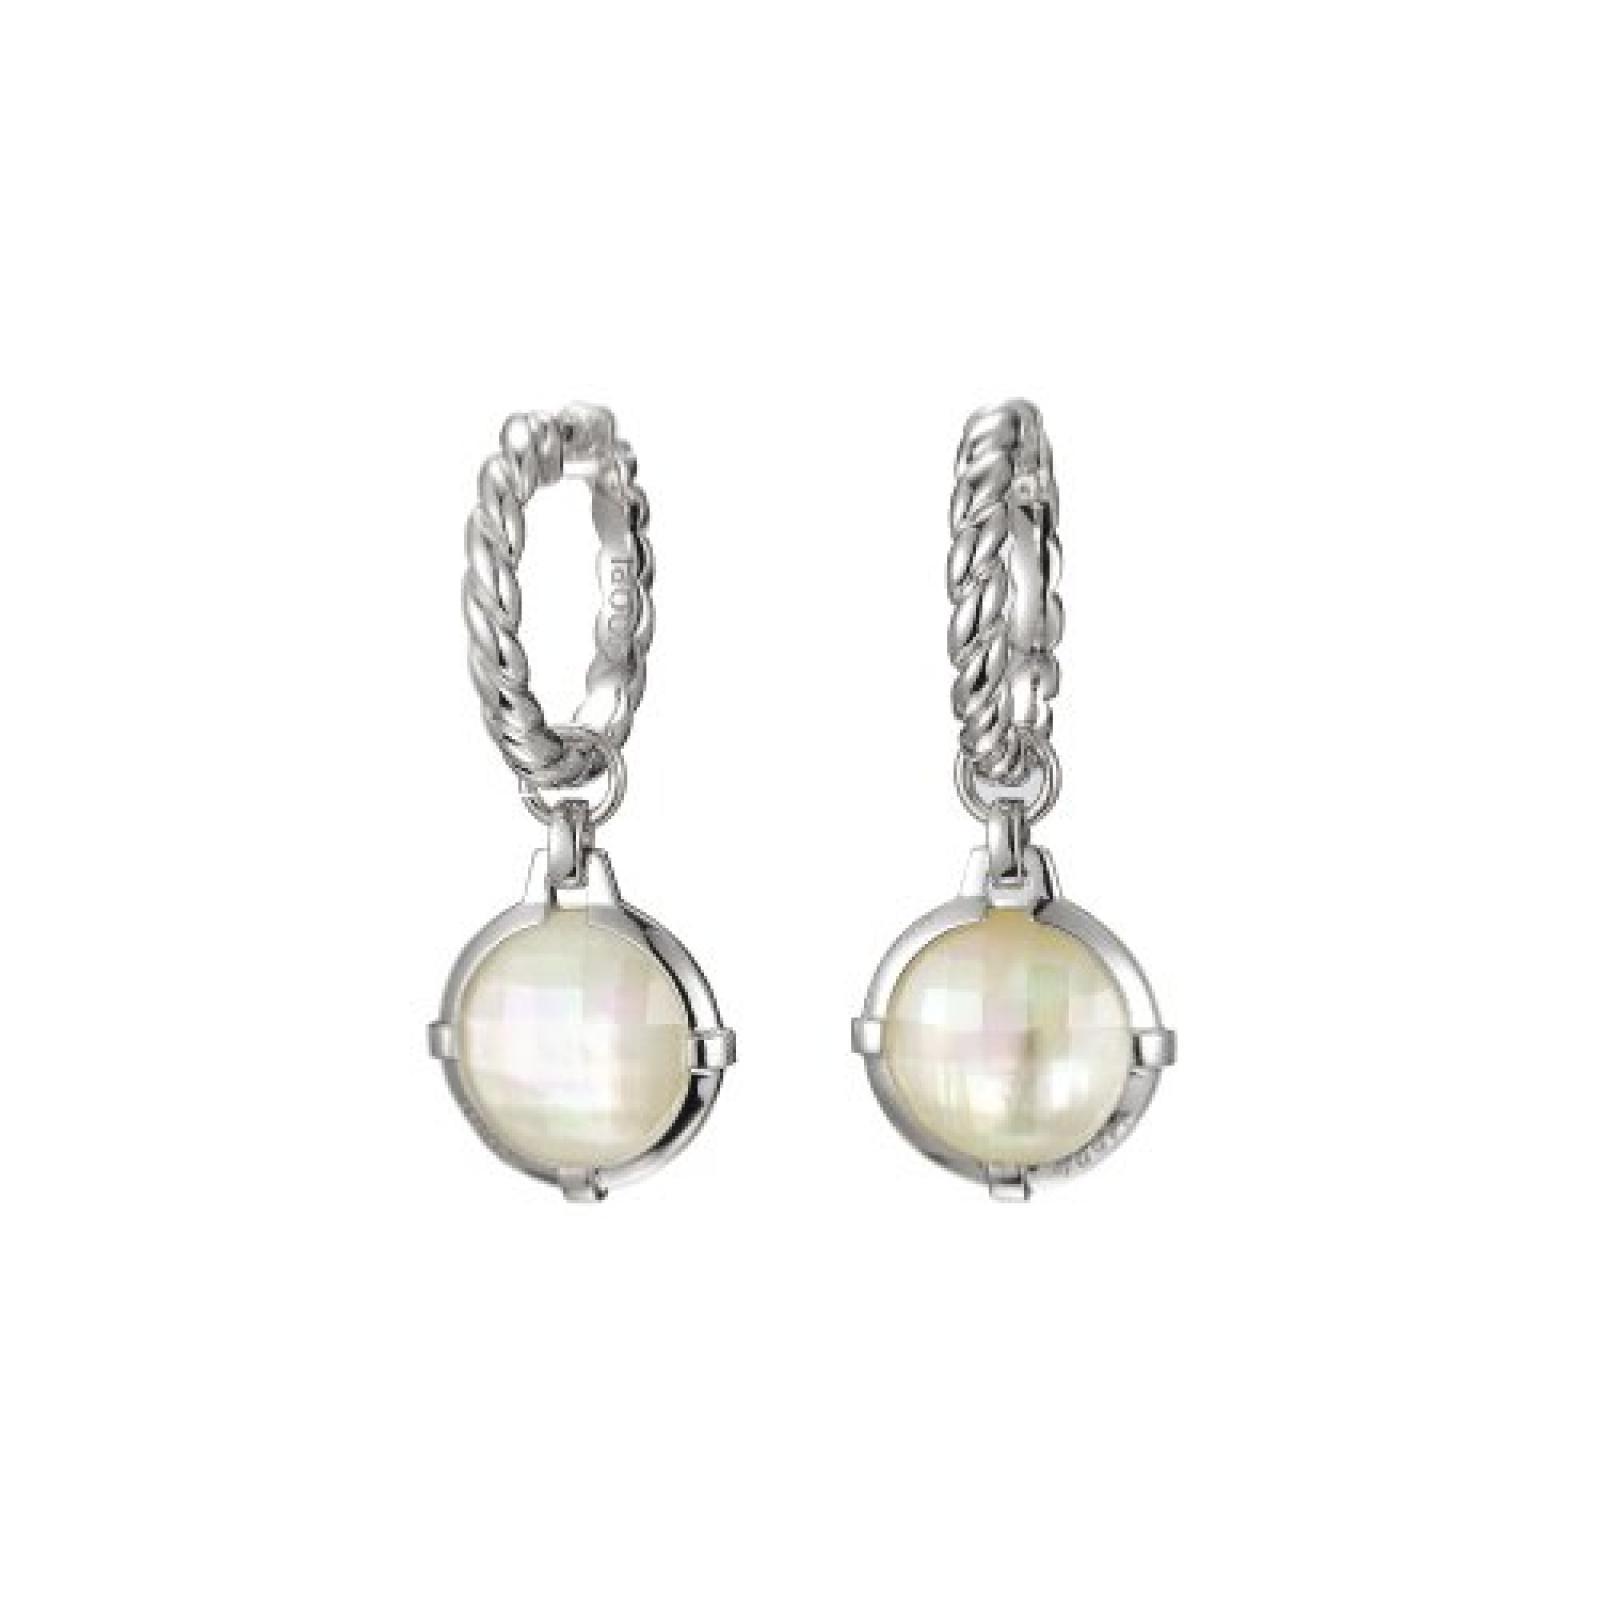 Joop JPCO90087A000 Damen Creolen Silber mit weißem Perlmutt und Zirkonia